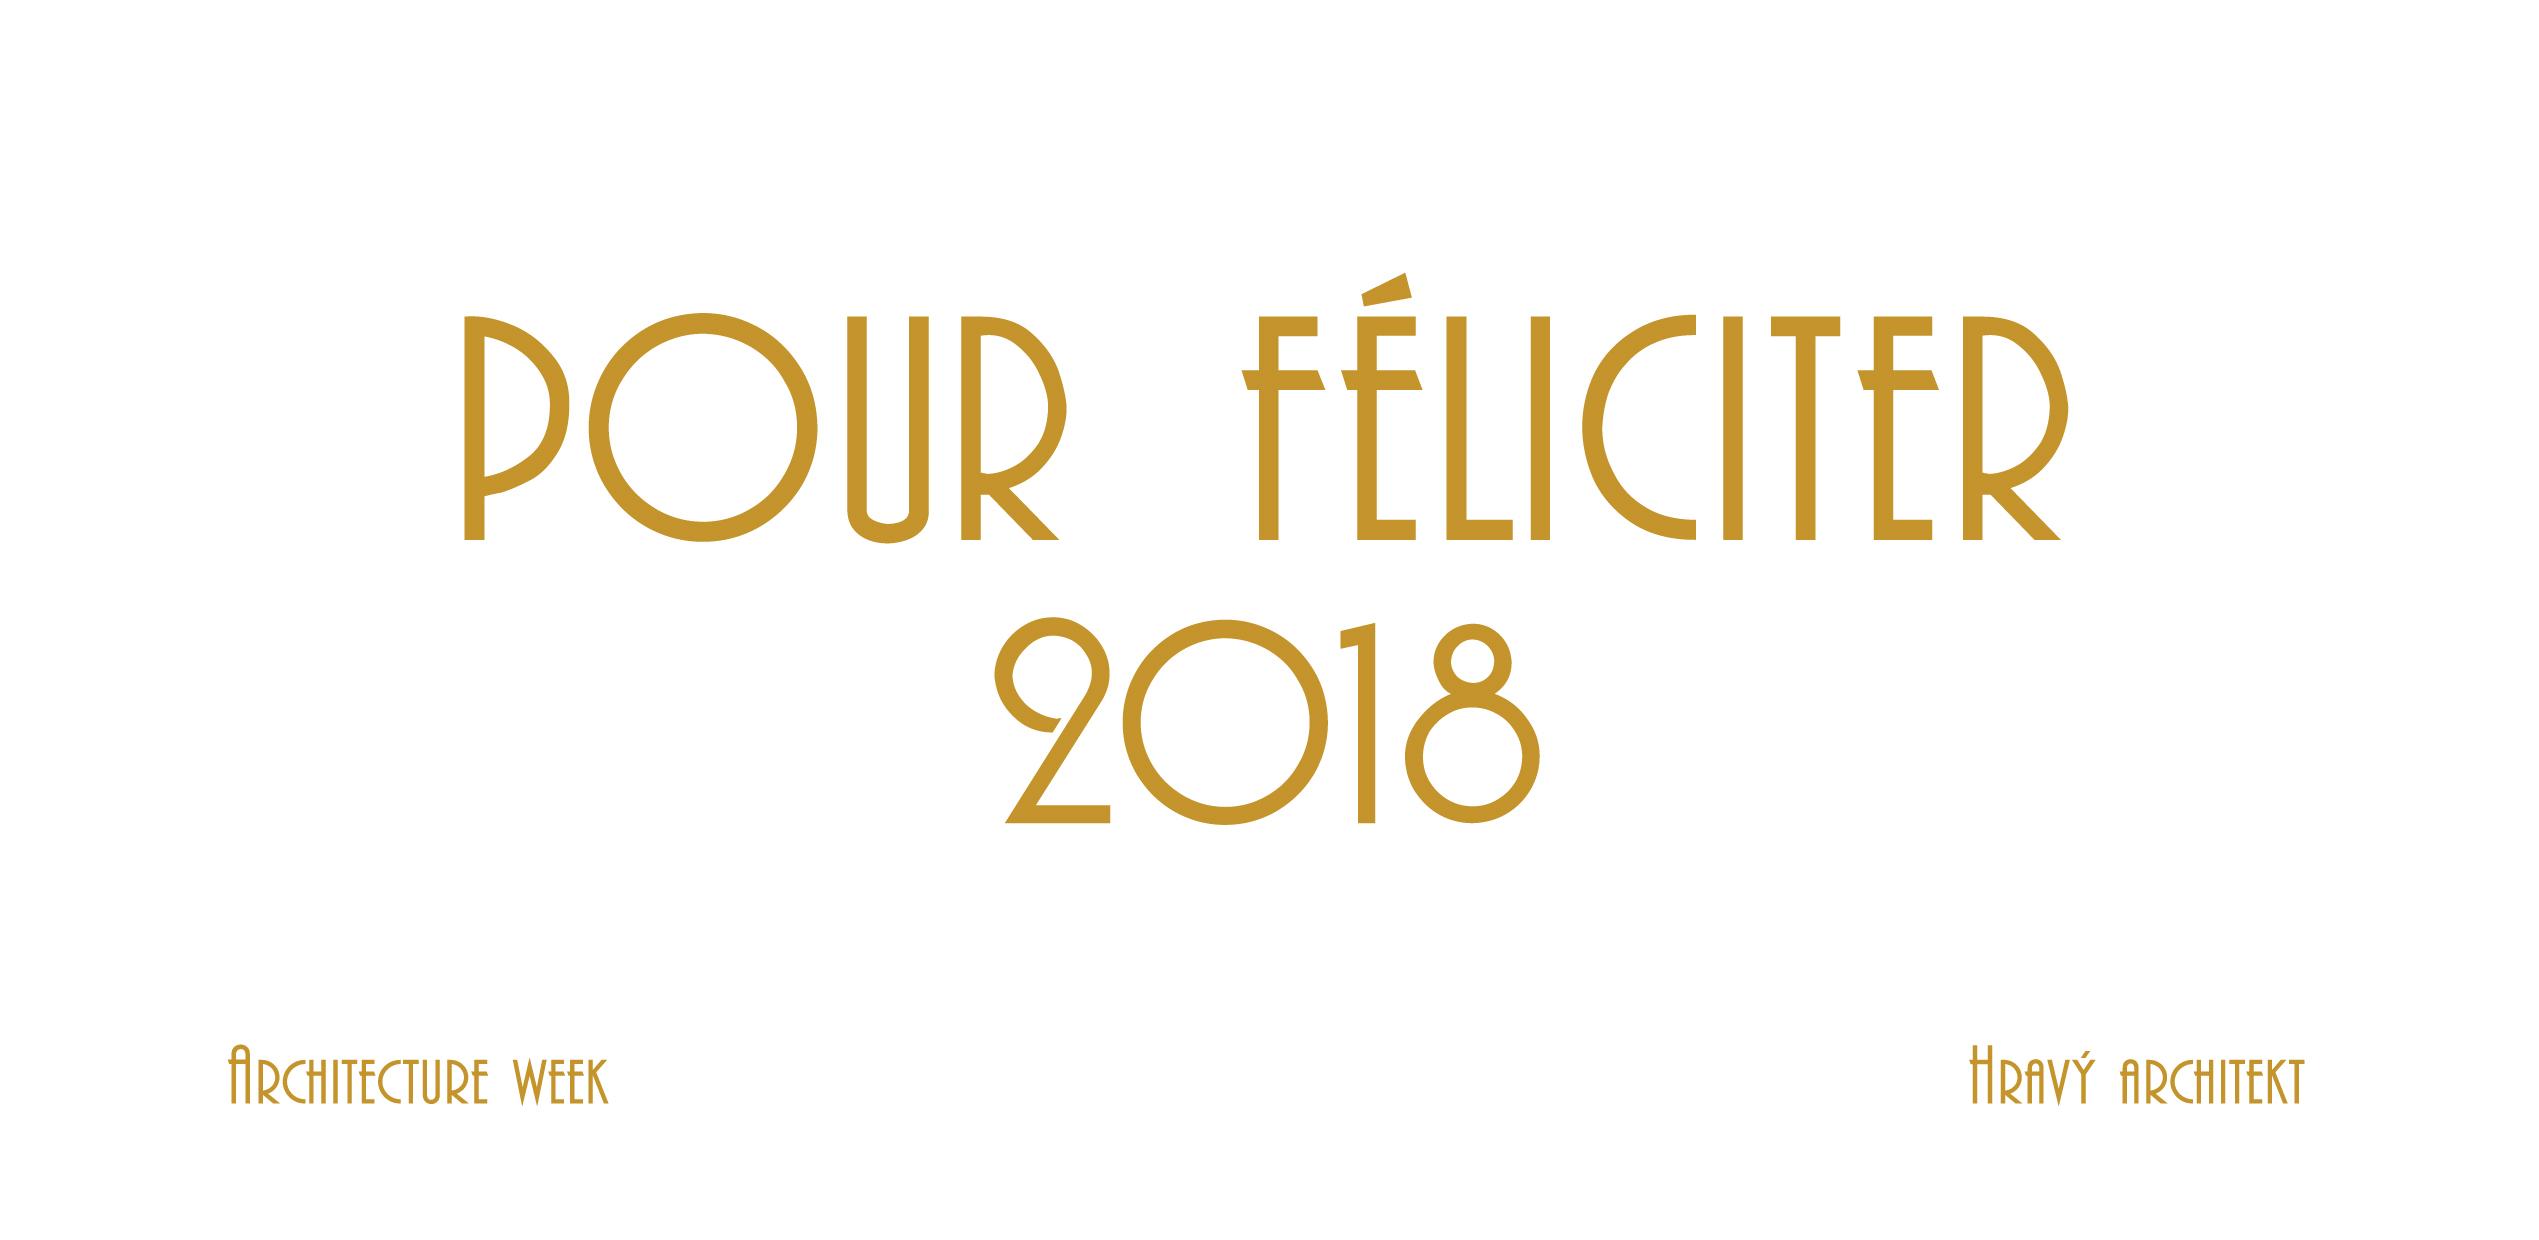 Pour Féliciter 2018